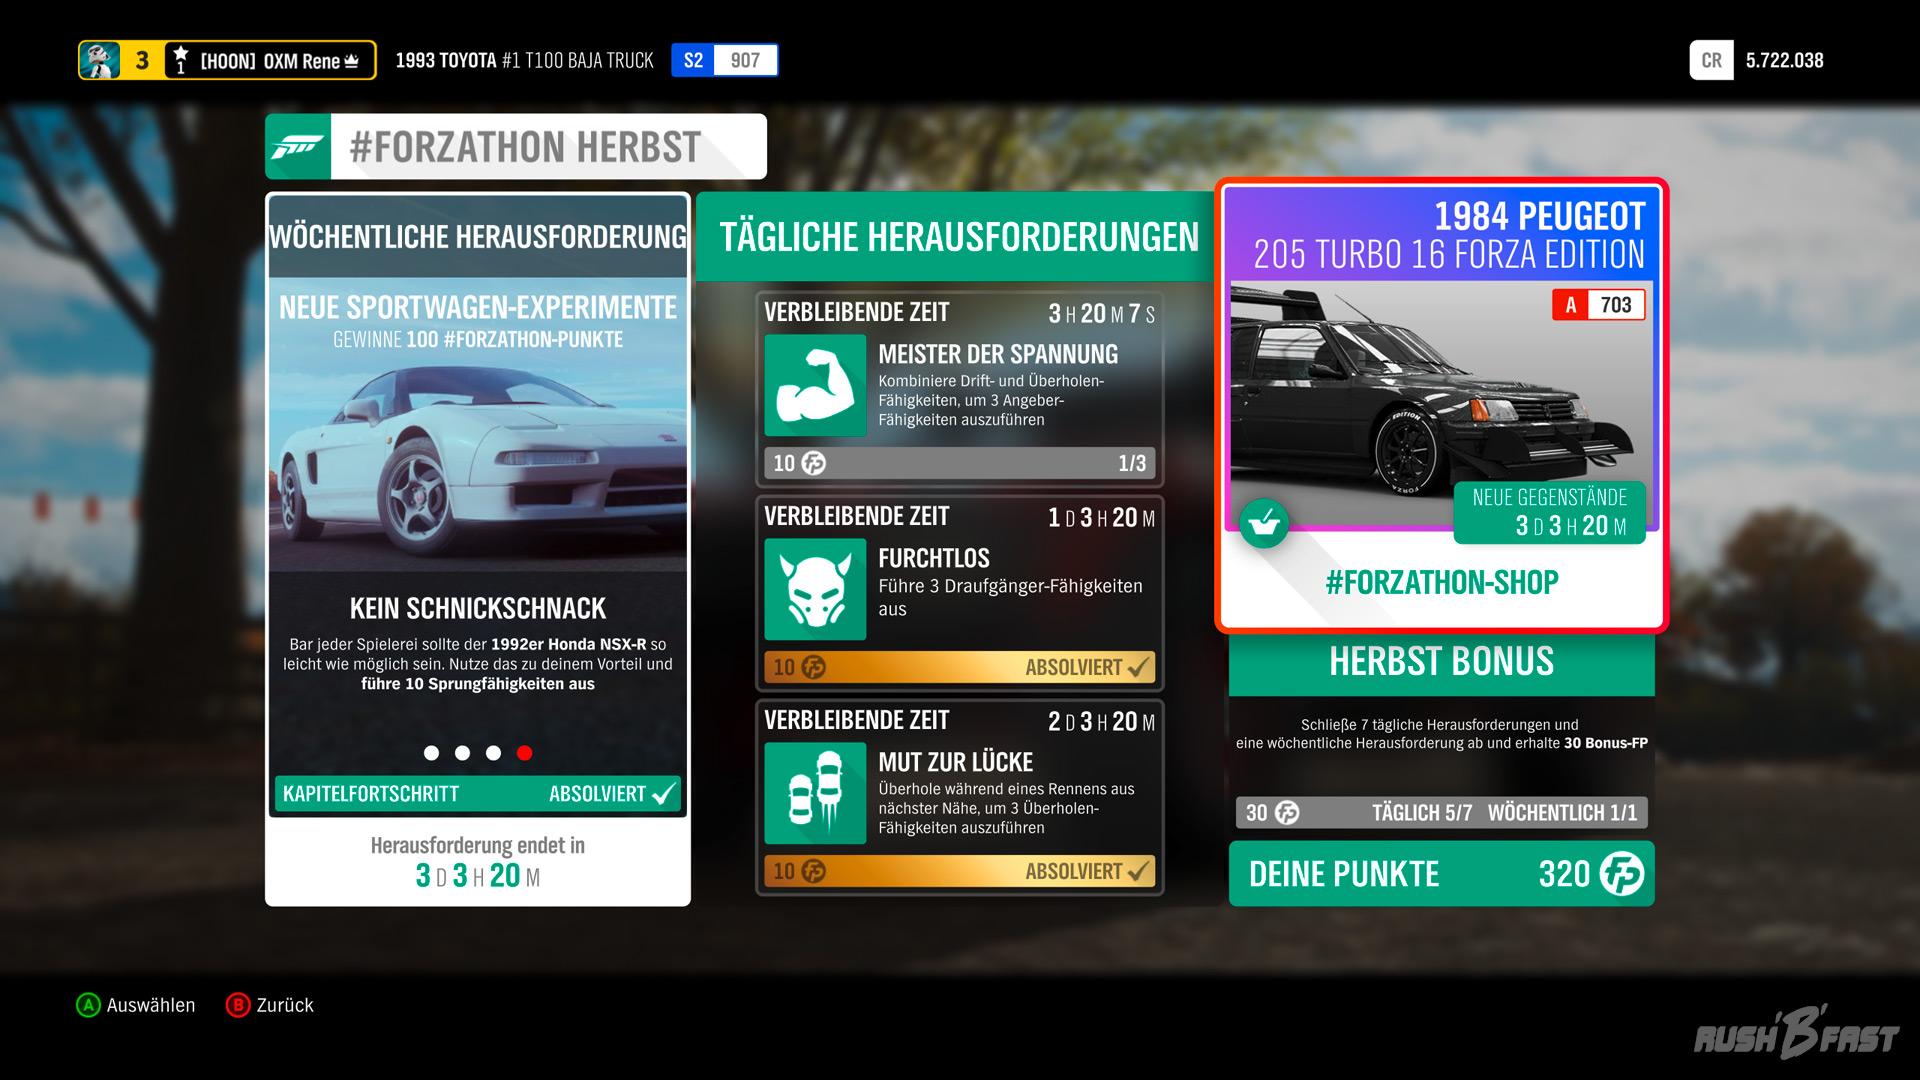 Forza Horizon 4 - #Forzathon Herbst Herausforderungen und Shop